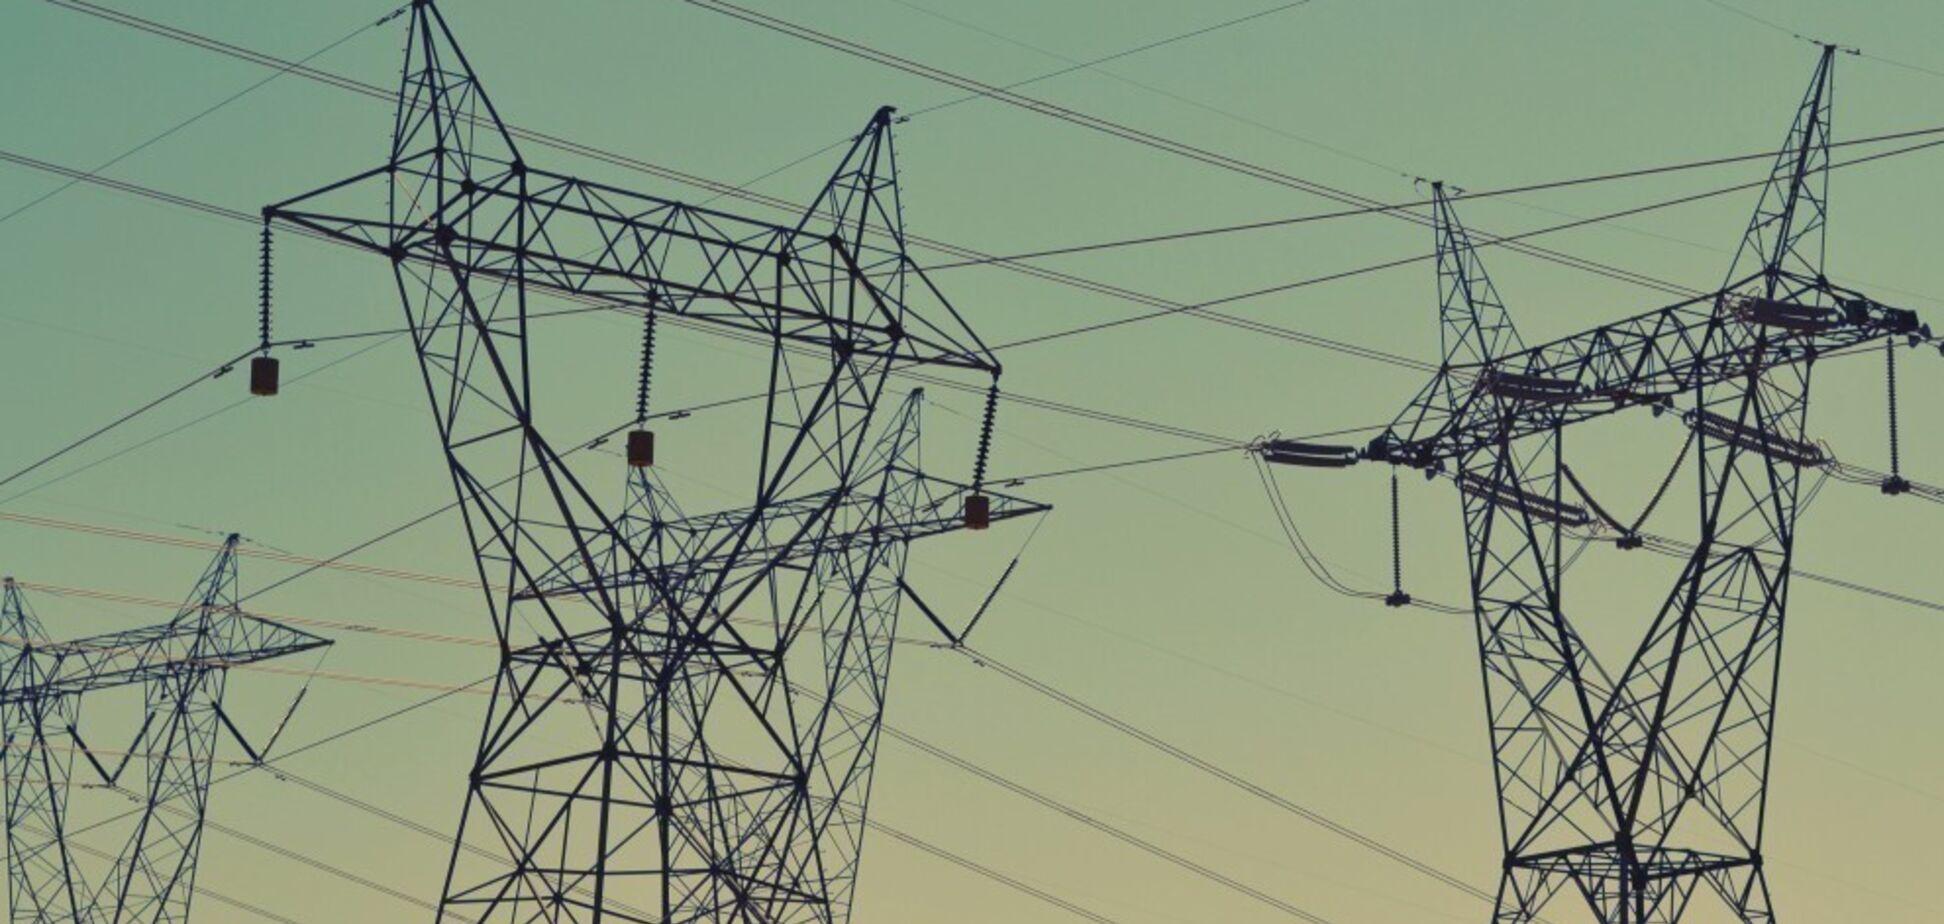 Решение проблемы изношенных электросетей – переход на стимулирующий тариф по европейскому примеру